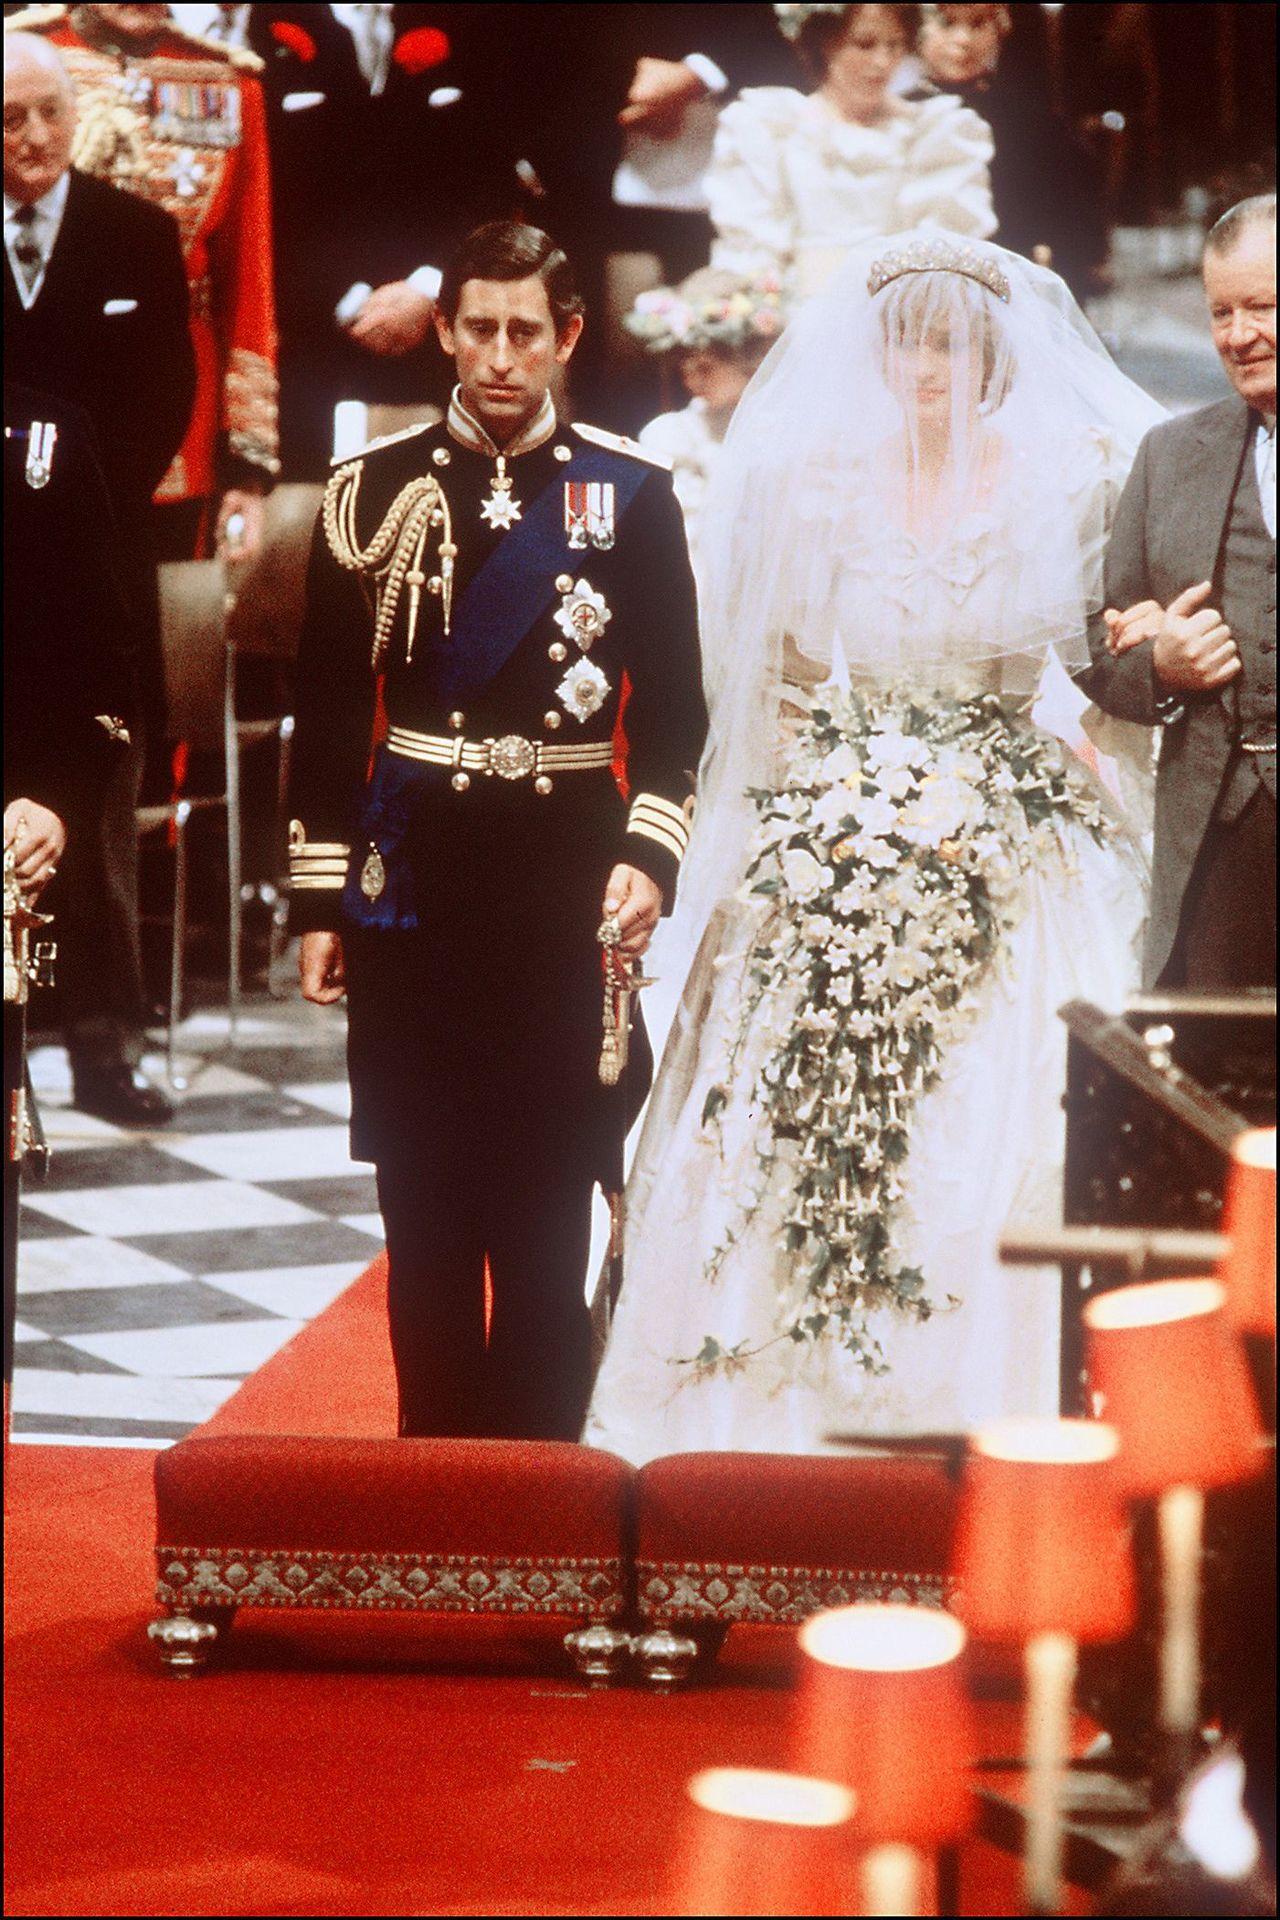 黛安娜王妃在世紀婚禮穿上曳地長紗達約760公分的夢幻婚紗。(法新社)